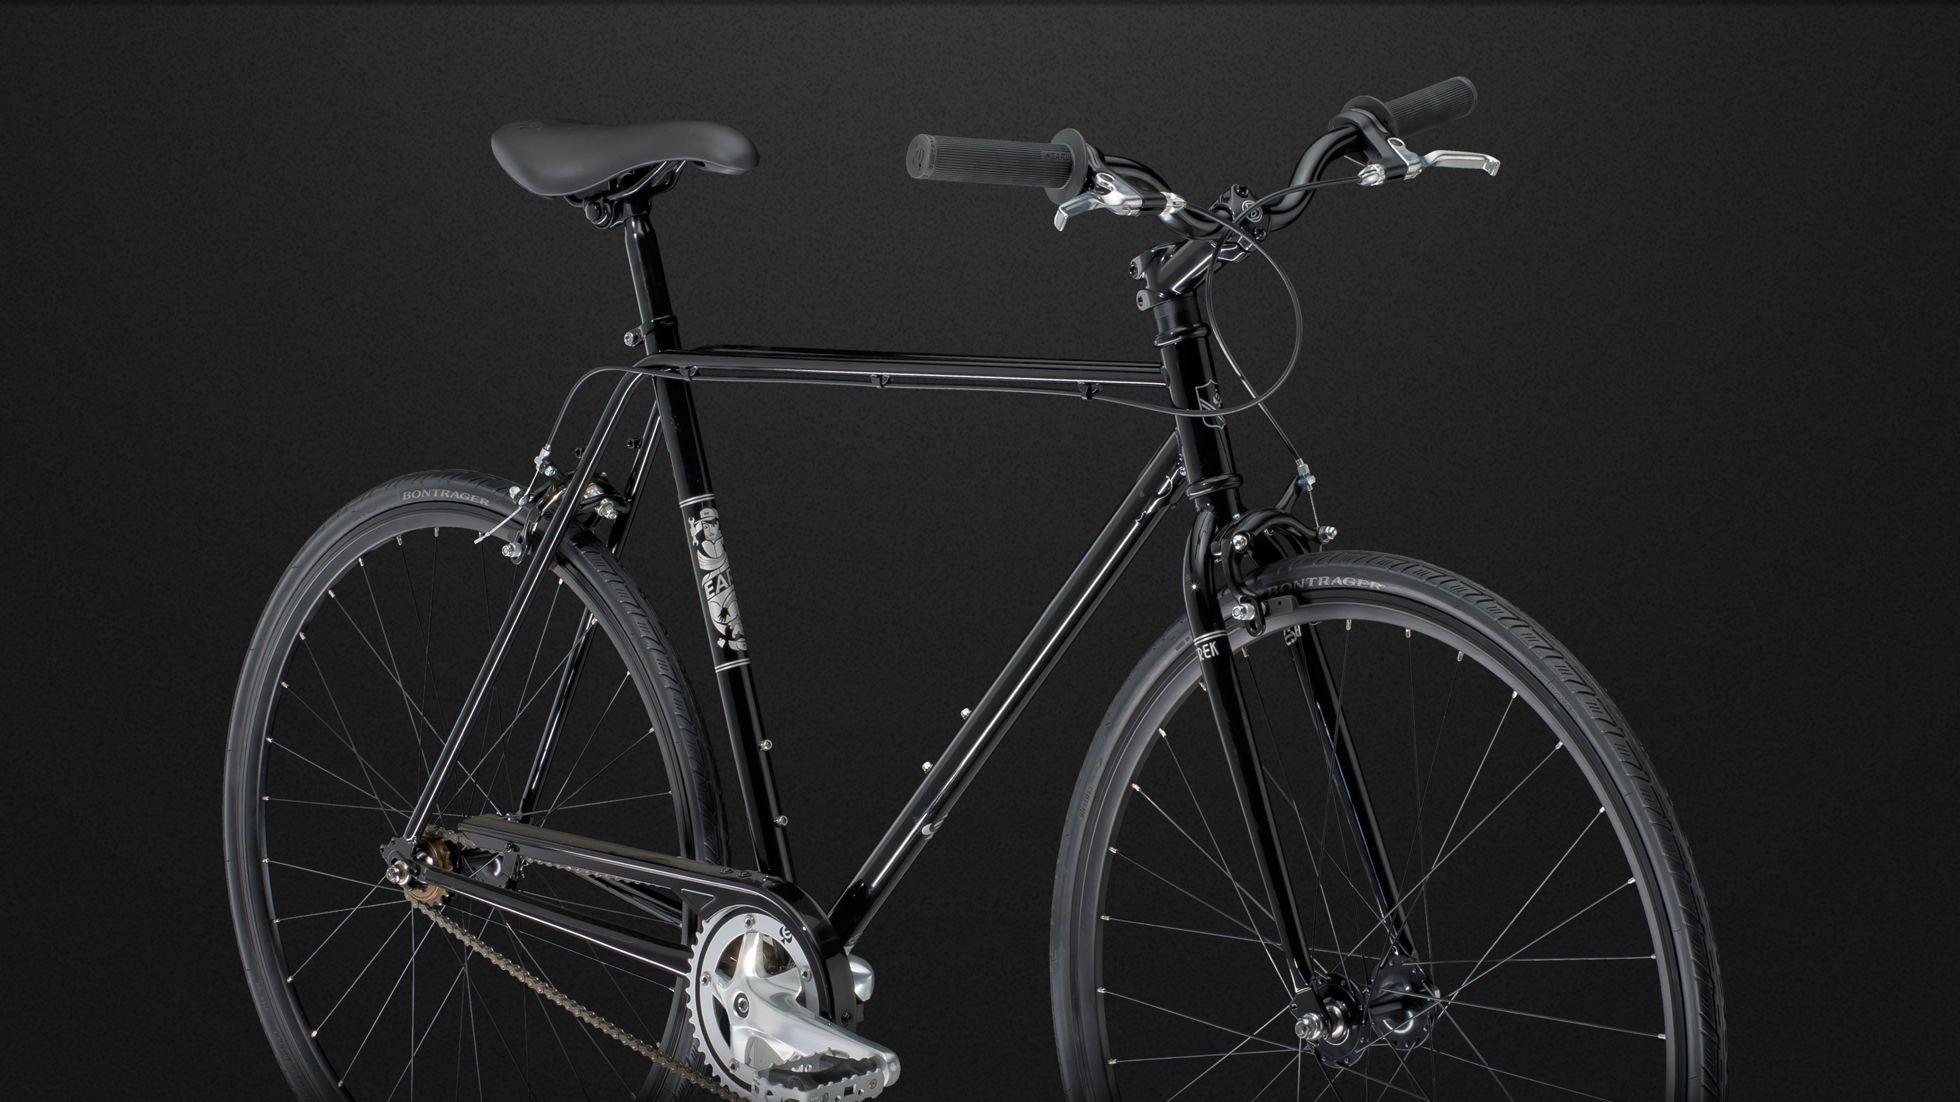 Earl Trek Bicycle Trek bicycle, Trek bikes, Bike